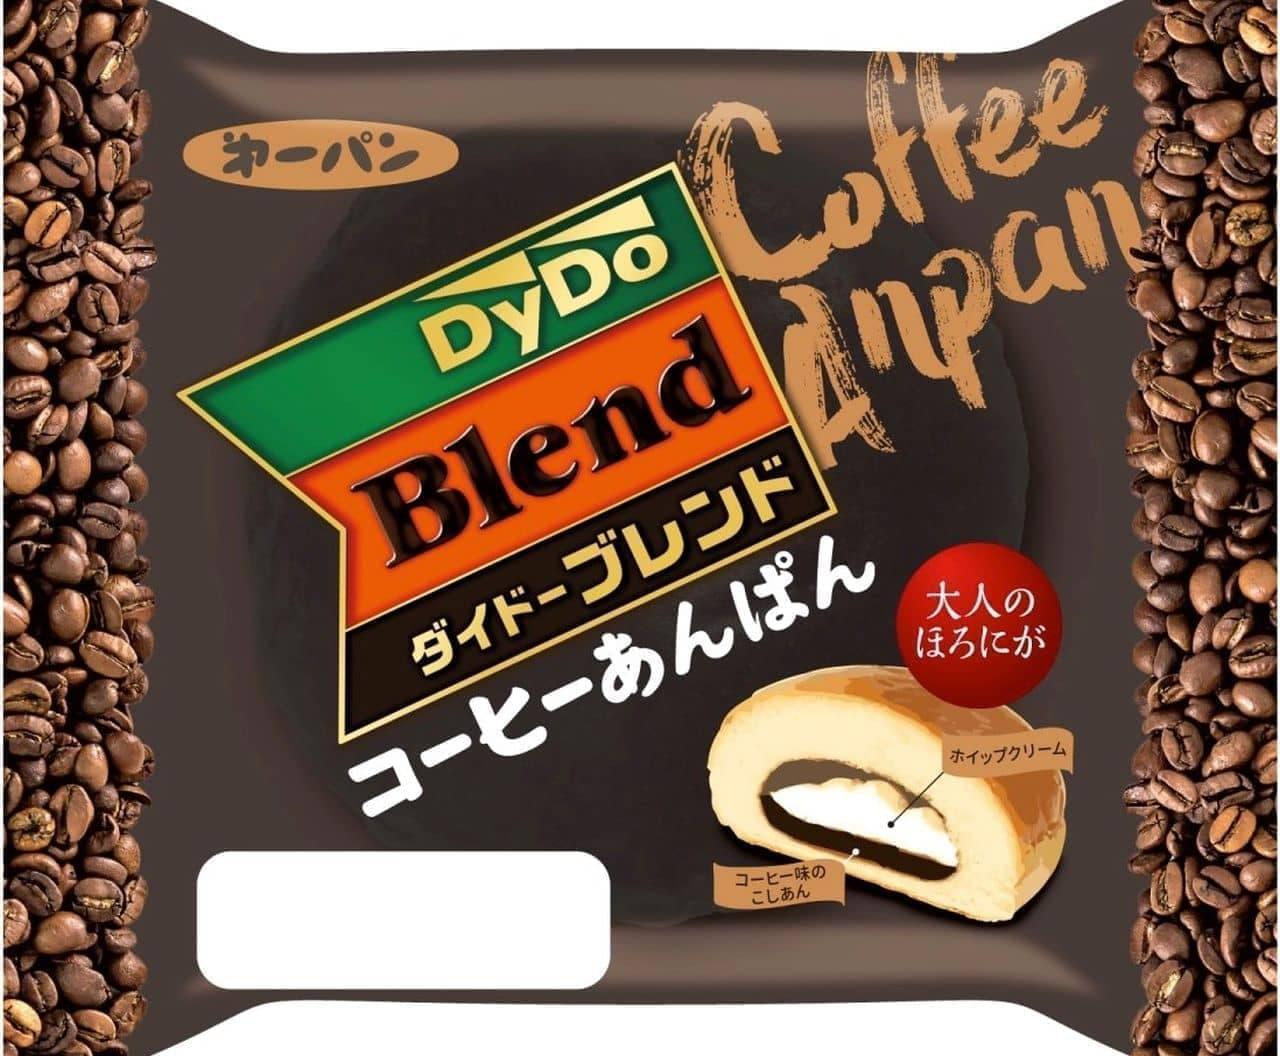 コラボパン「ダイドーブレンド コーヒーあんぱん」